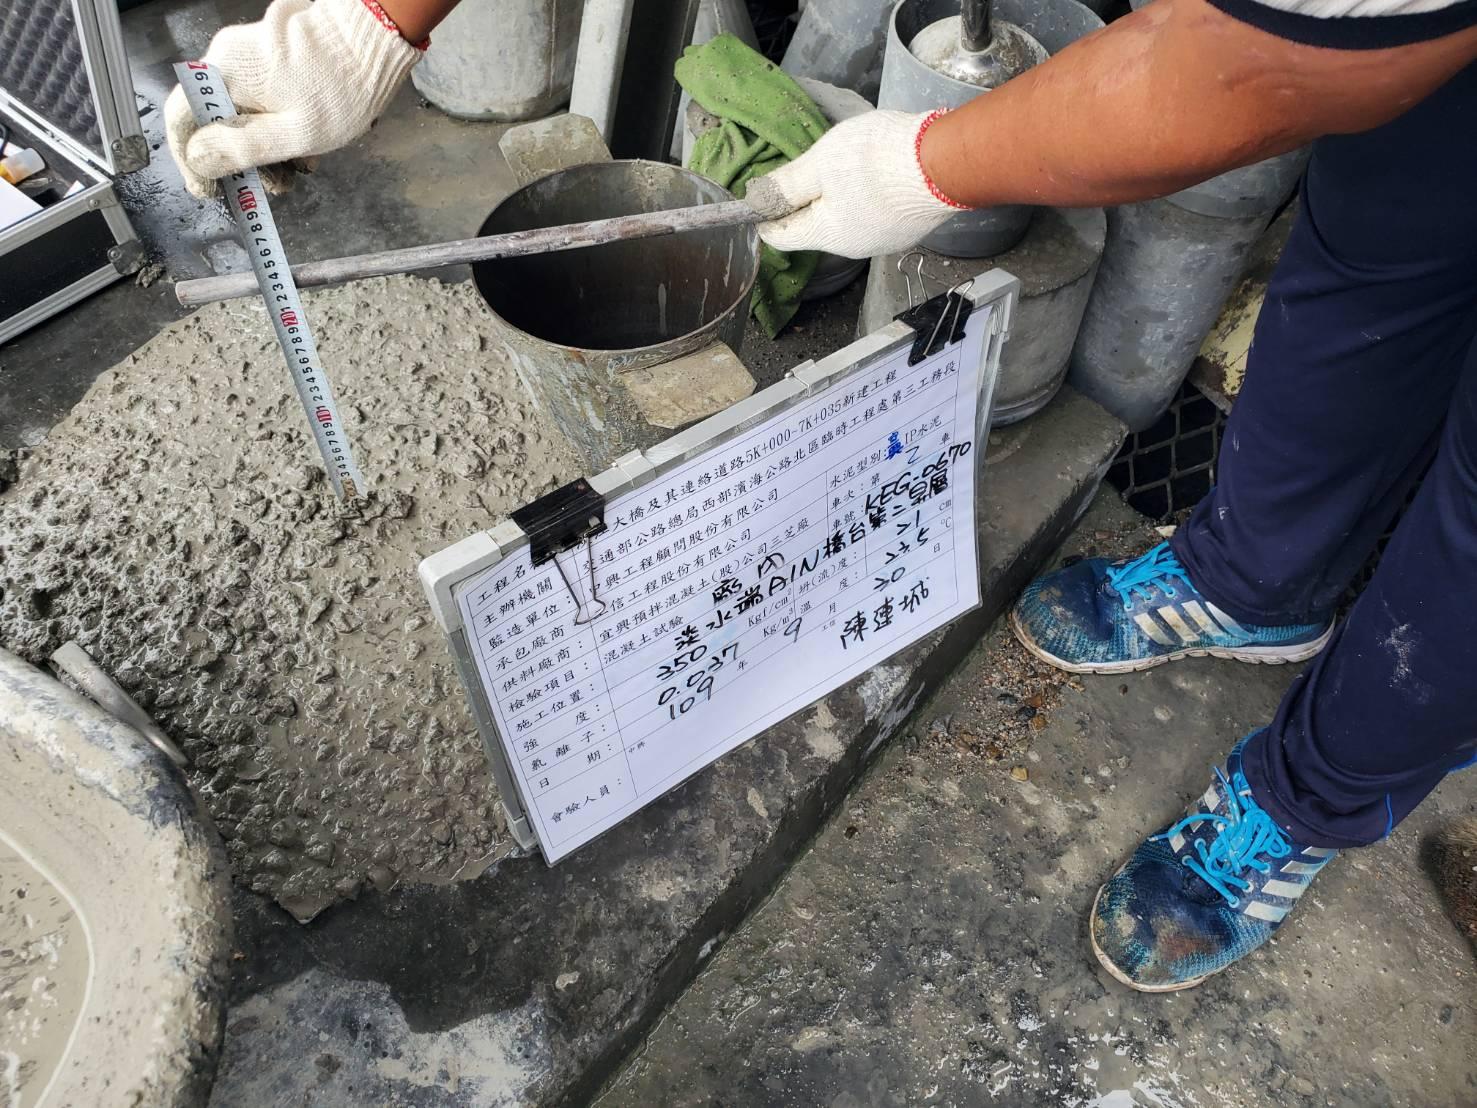 淡水端A1N橋台混凝土澆置之現場取樣抽查坍度作業.